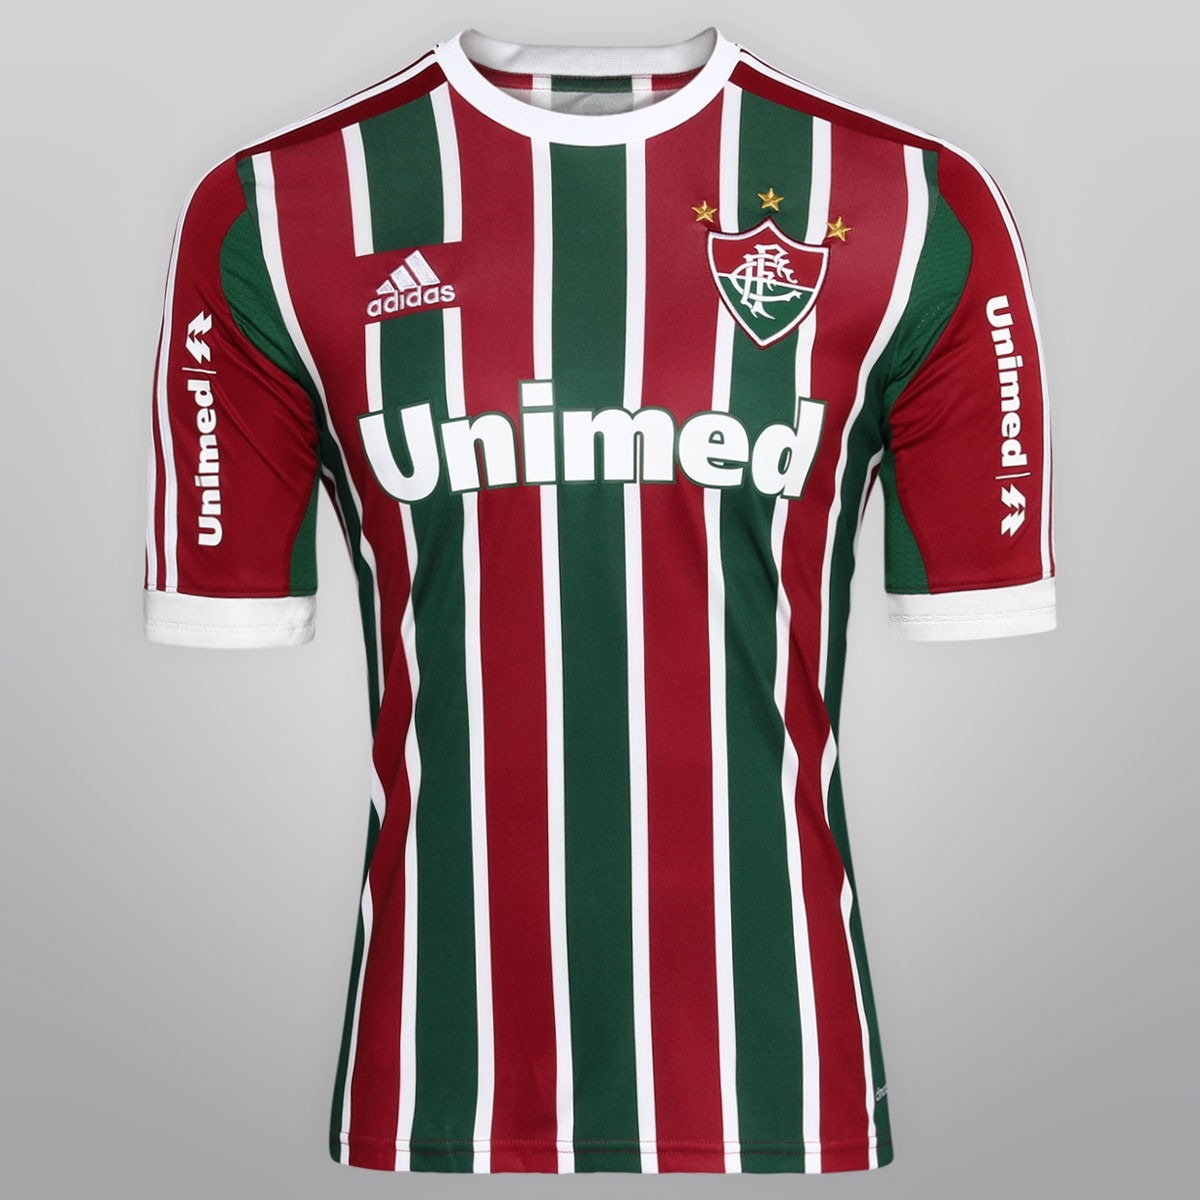 c9b3a93e85 Camisa adidas Fluminense I 2014 S nº Oficial De 199